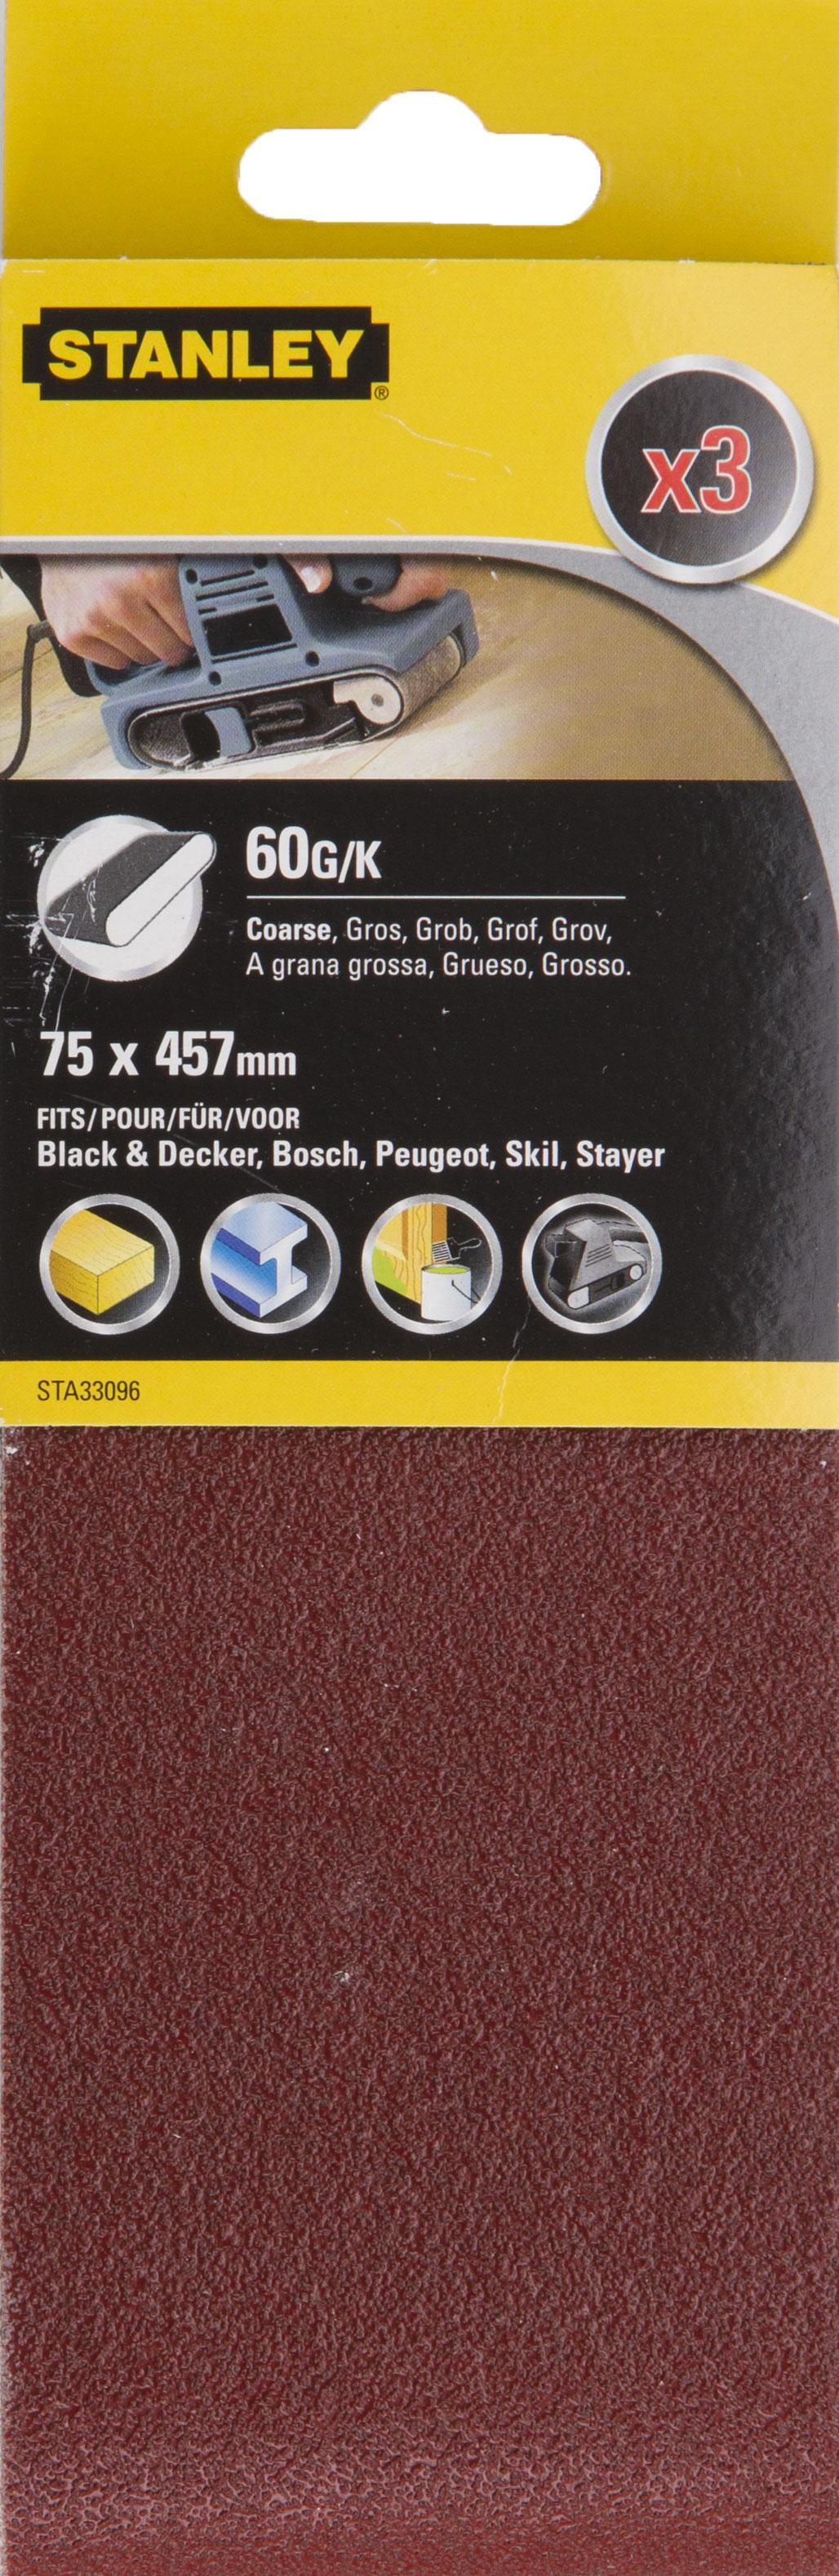 Лента шлифовальная бесконечная Stanley Sta33096-xj лента шлифовальная бесконечная stanley sta33451 xj